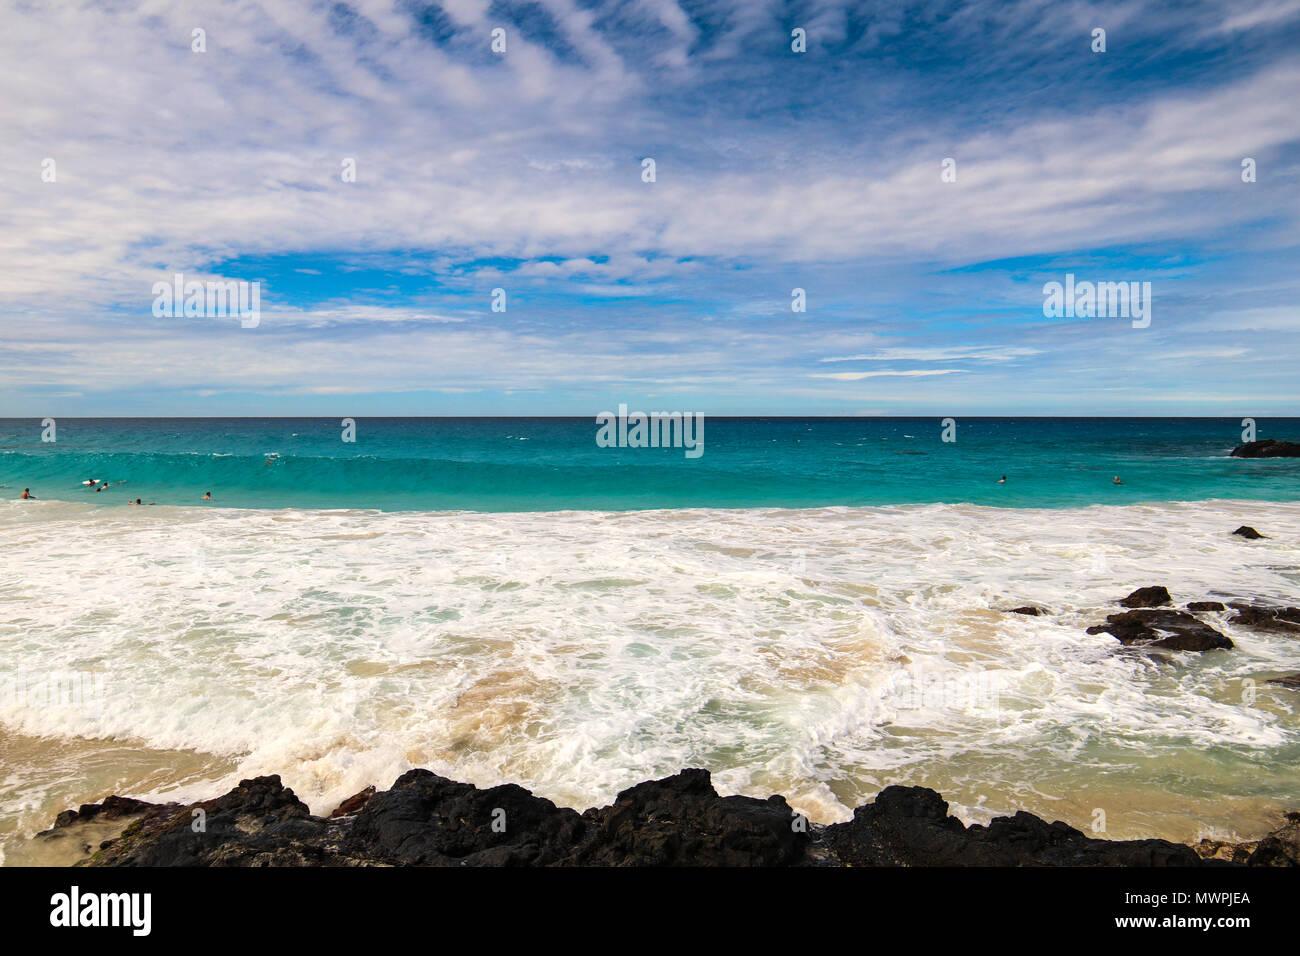 L'une des plus belles plages hautement cotées et dans le monde - Plage de Wailea, Maui, Hawaii, USA Photo Stock